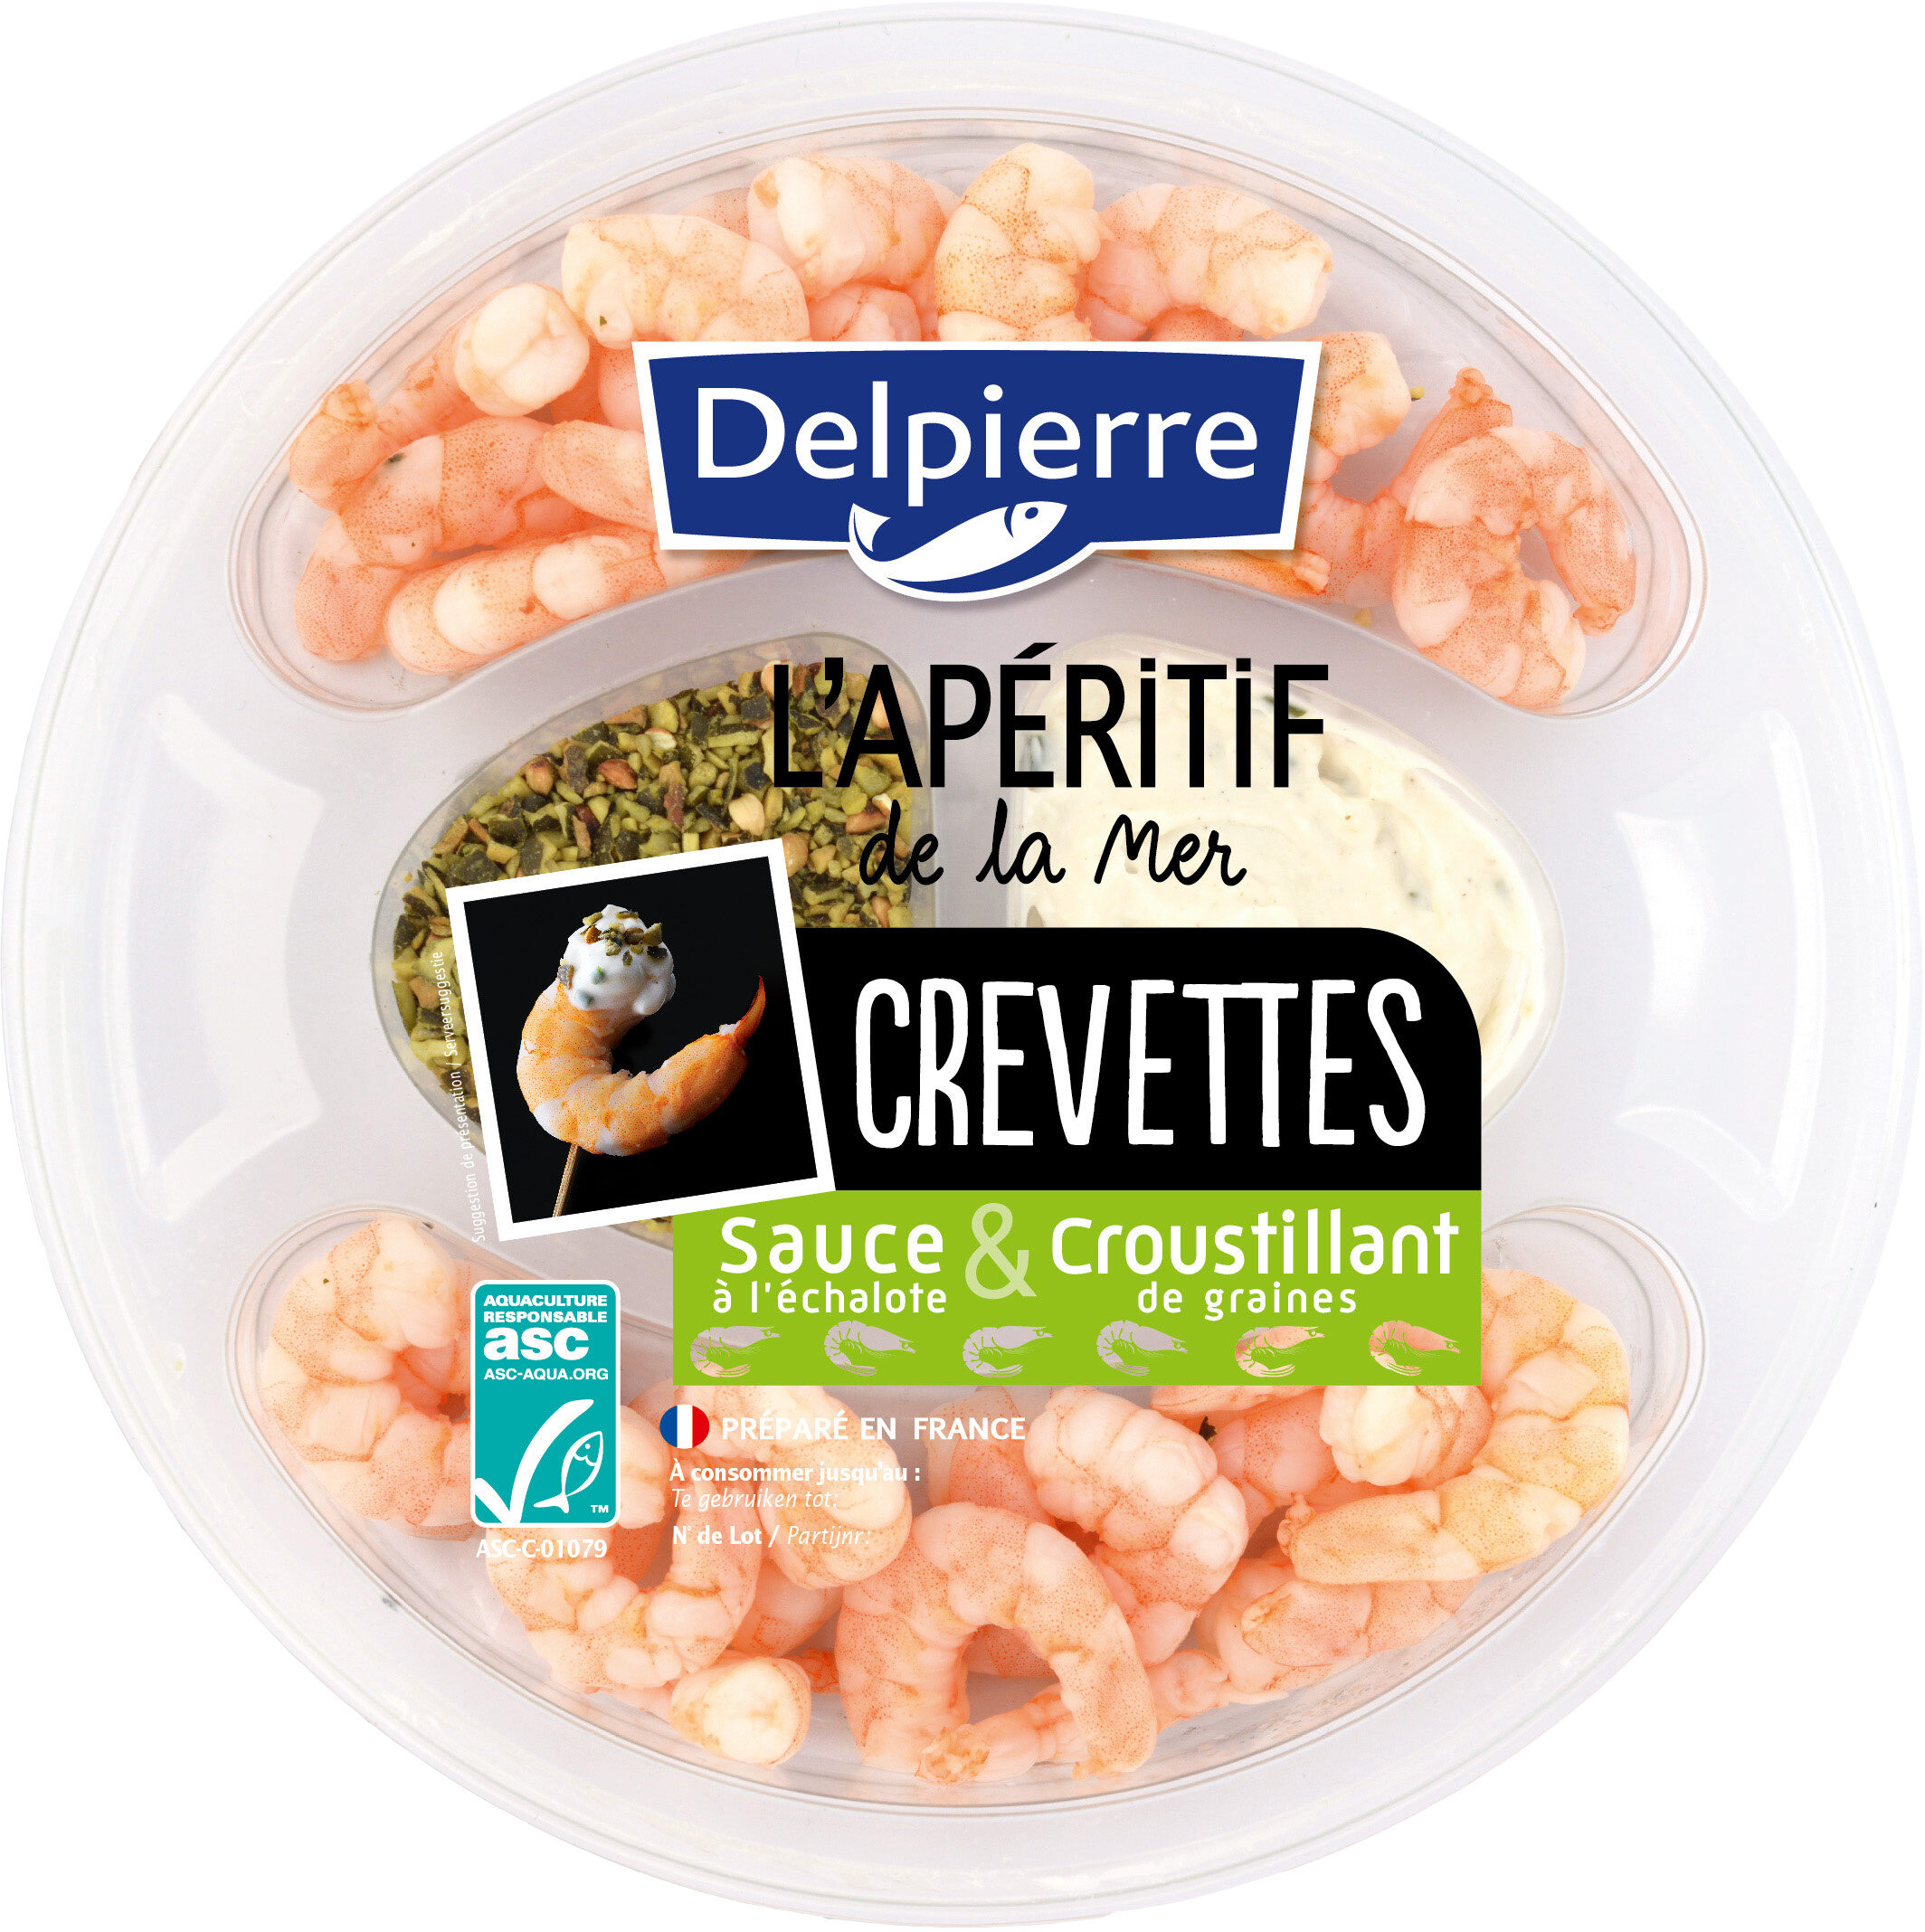 Crevettes Sauce & Graines - Apéritif de la mer - Produit - fr